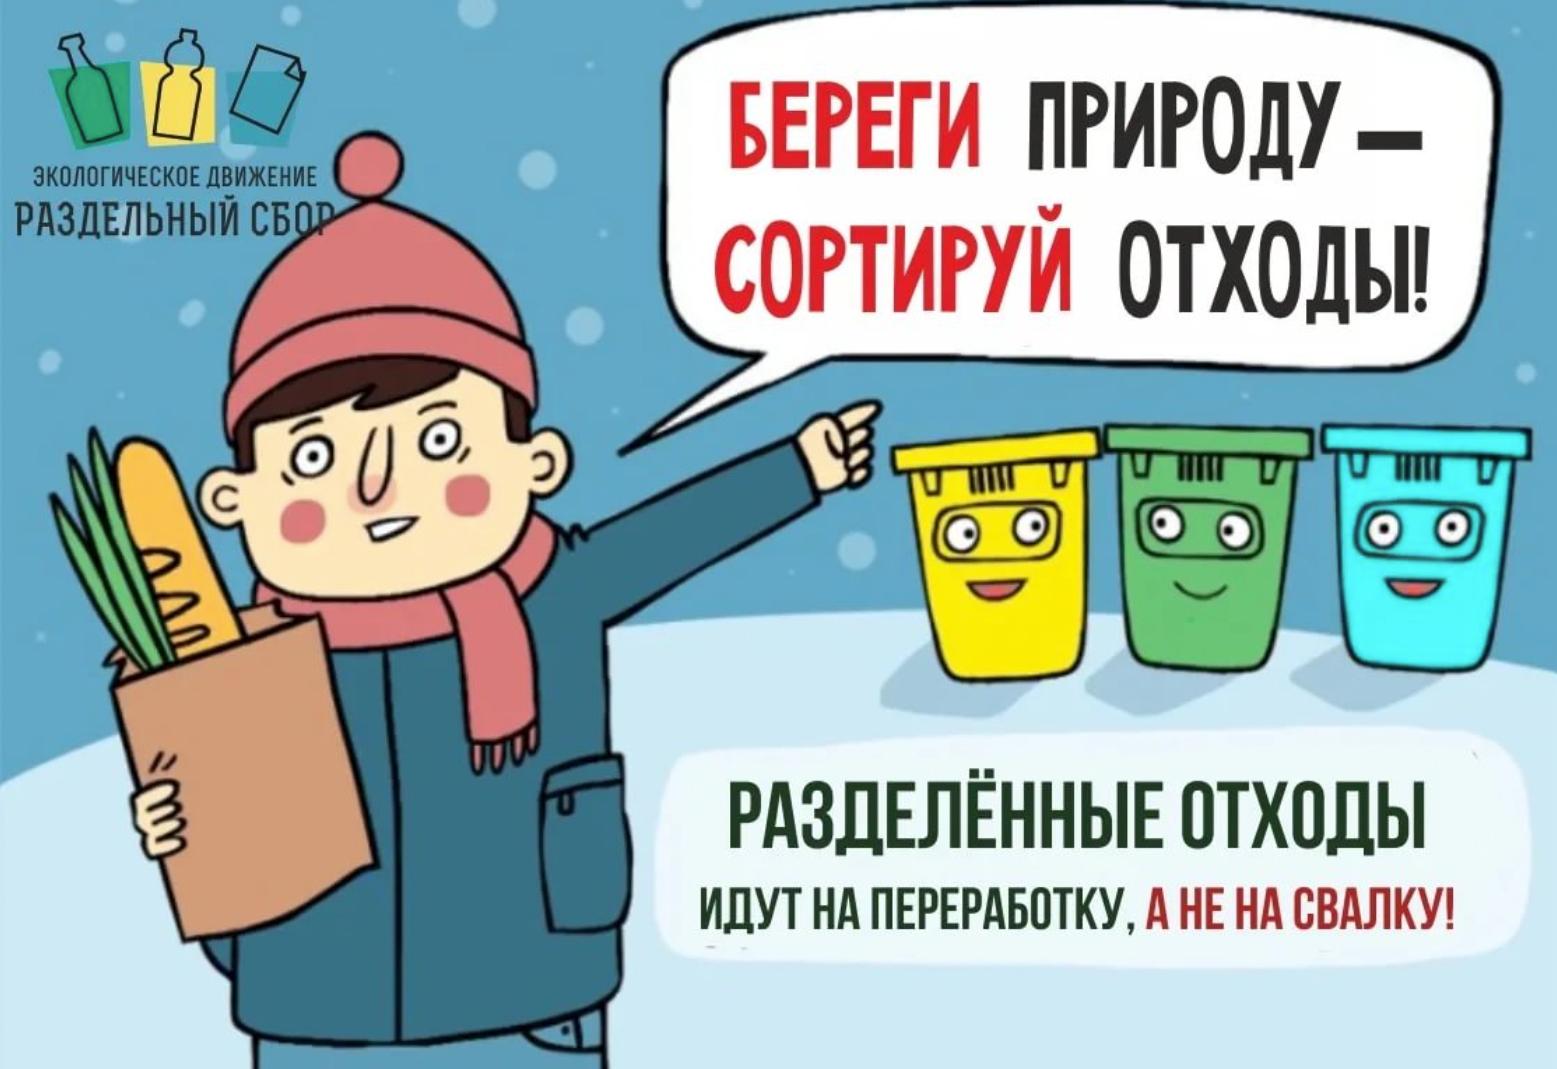 Раздельное хранение мусора